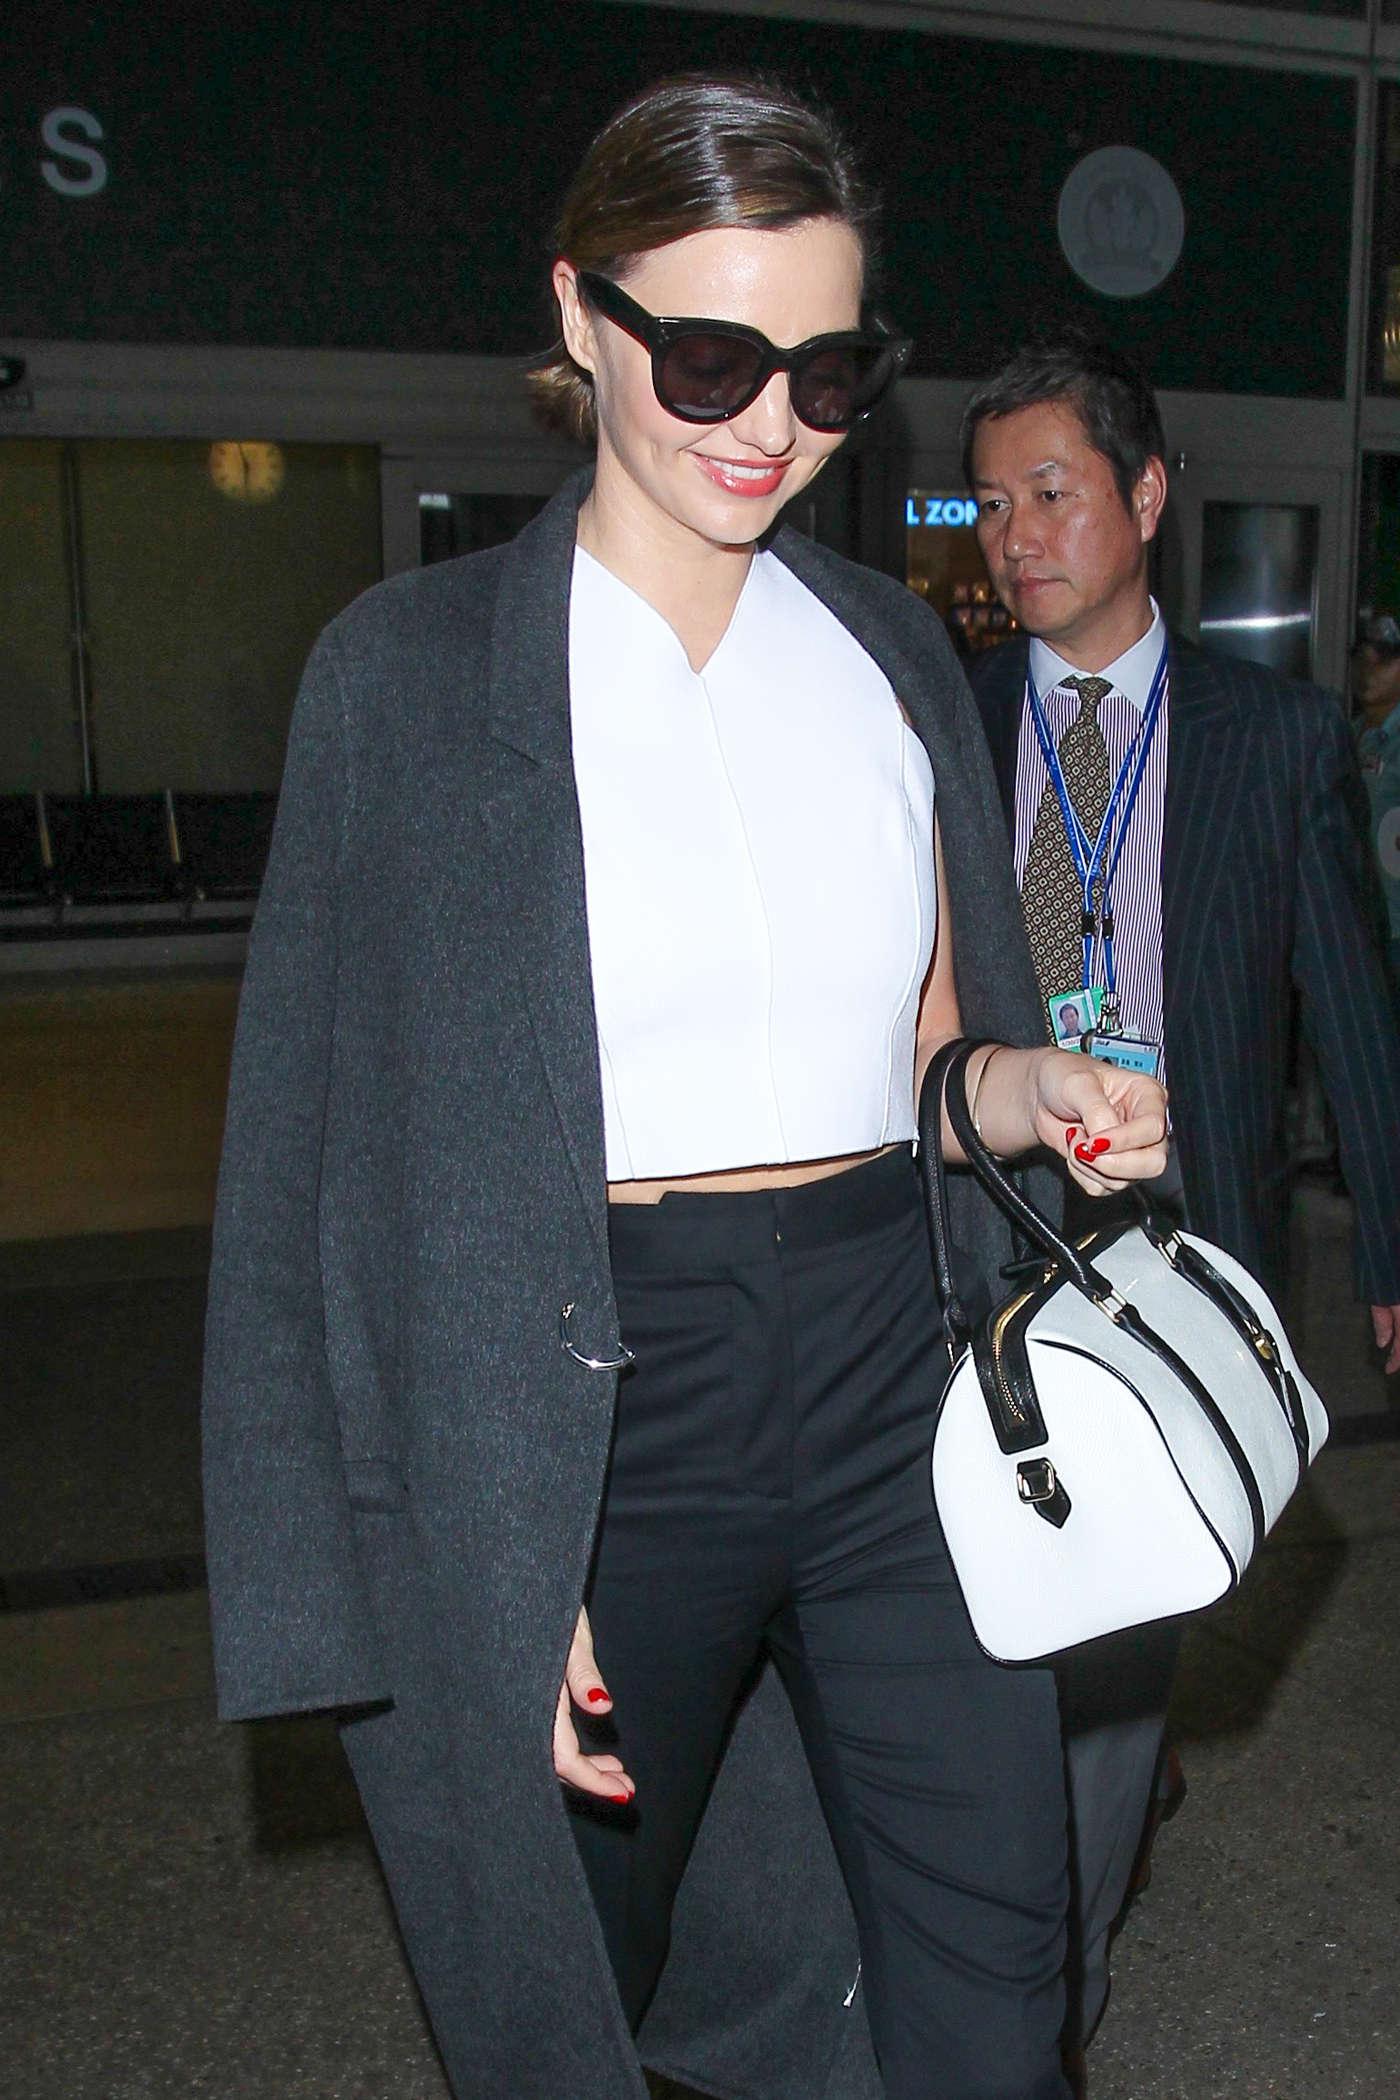 Miranda Kerr 2016 : Miranda Kerr at LAX Airport in LA -12